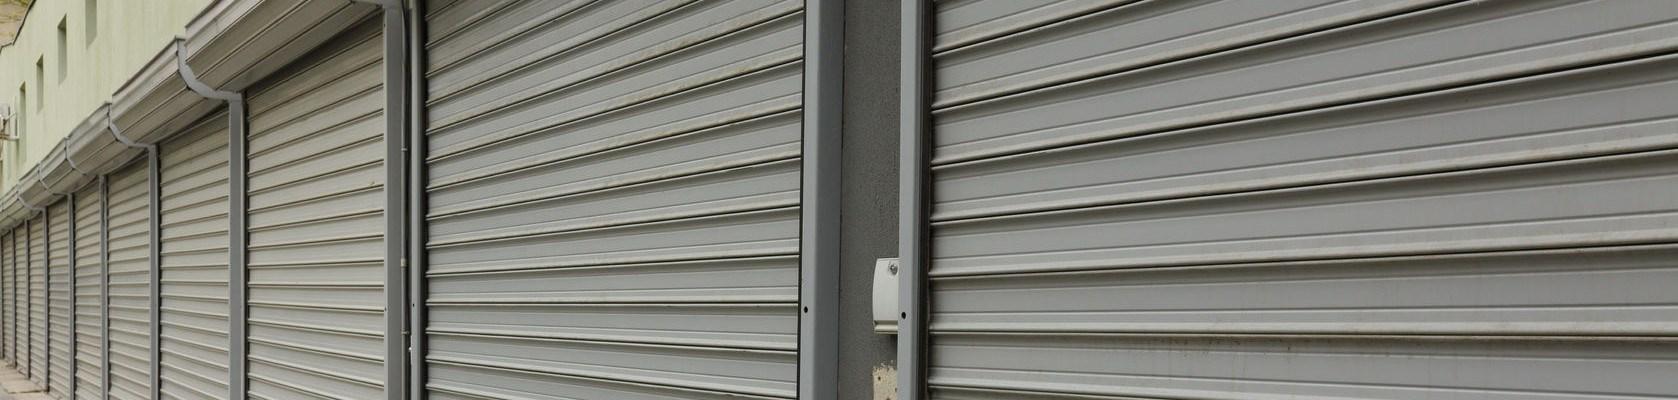 persianas metalicas horizontal - Instalacion persianas sabadell reparacion persianas sabadell